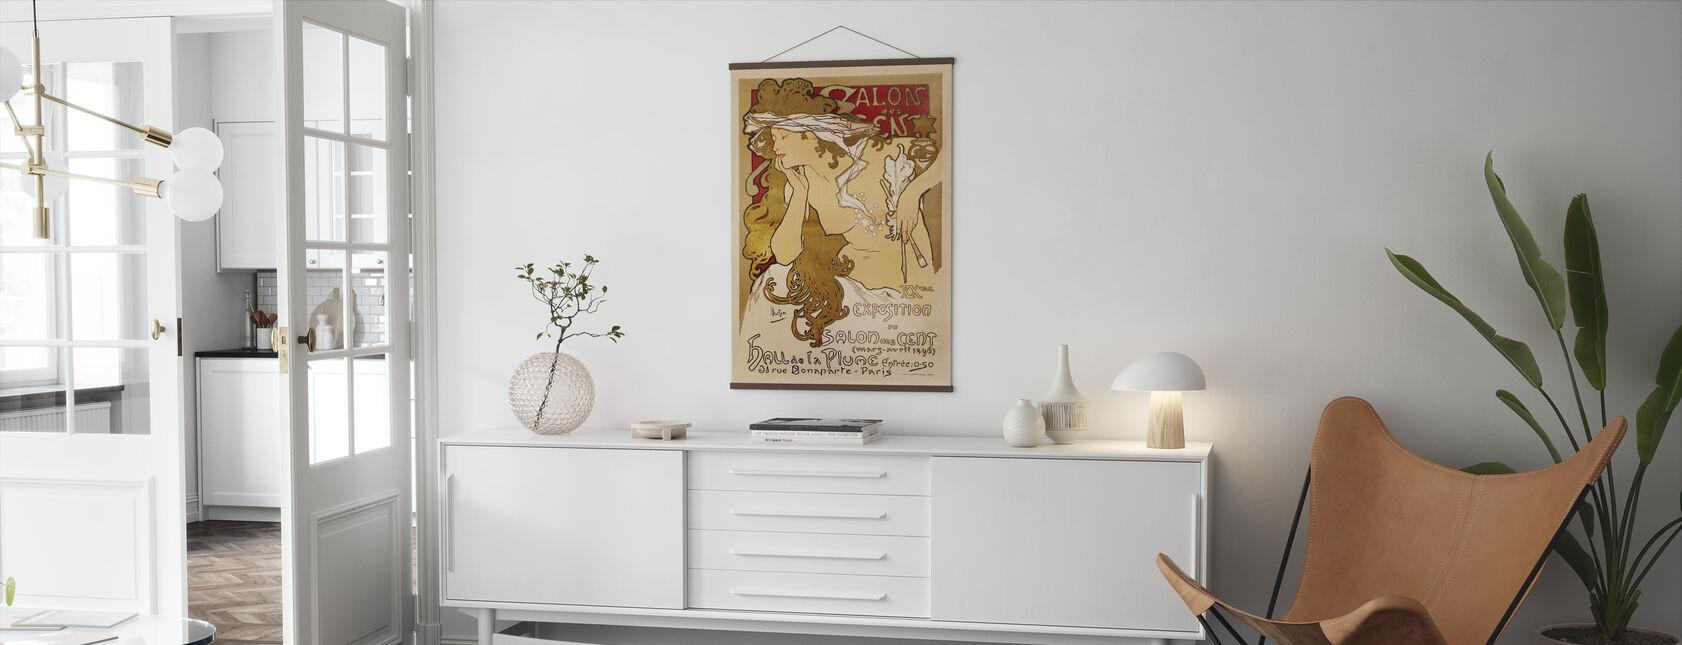 Alphonse Mucha - Salon des Cent - Poster - Wohnzimmer